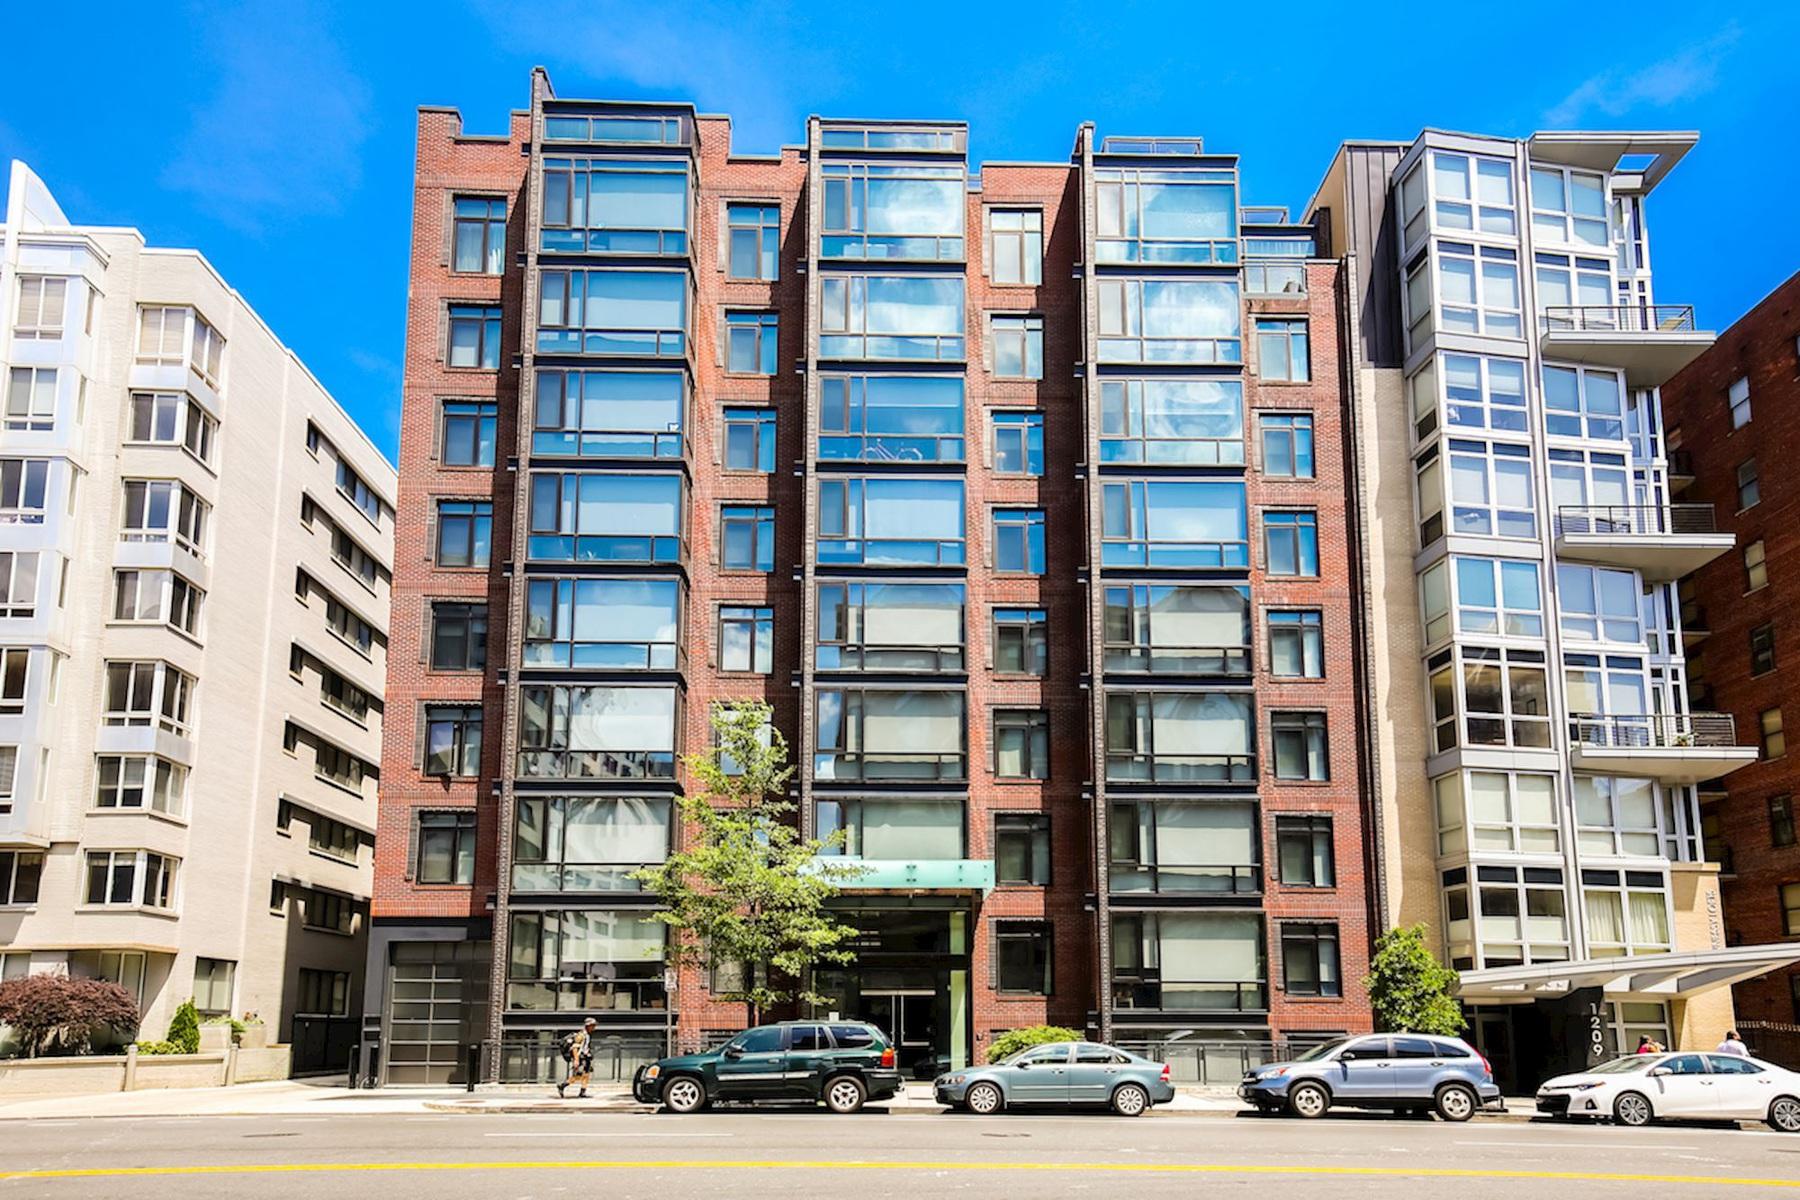 共管式独立产权公寓 为 销售 在 1211 13th Street Nw 701, Washington 华盛顿市, 哥伦比亚特区, 20005 美国